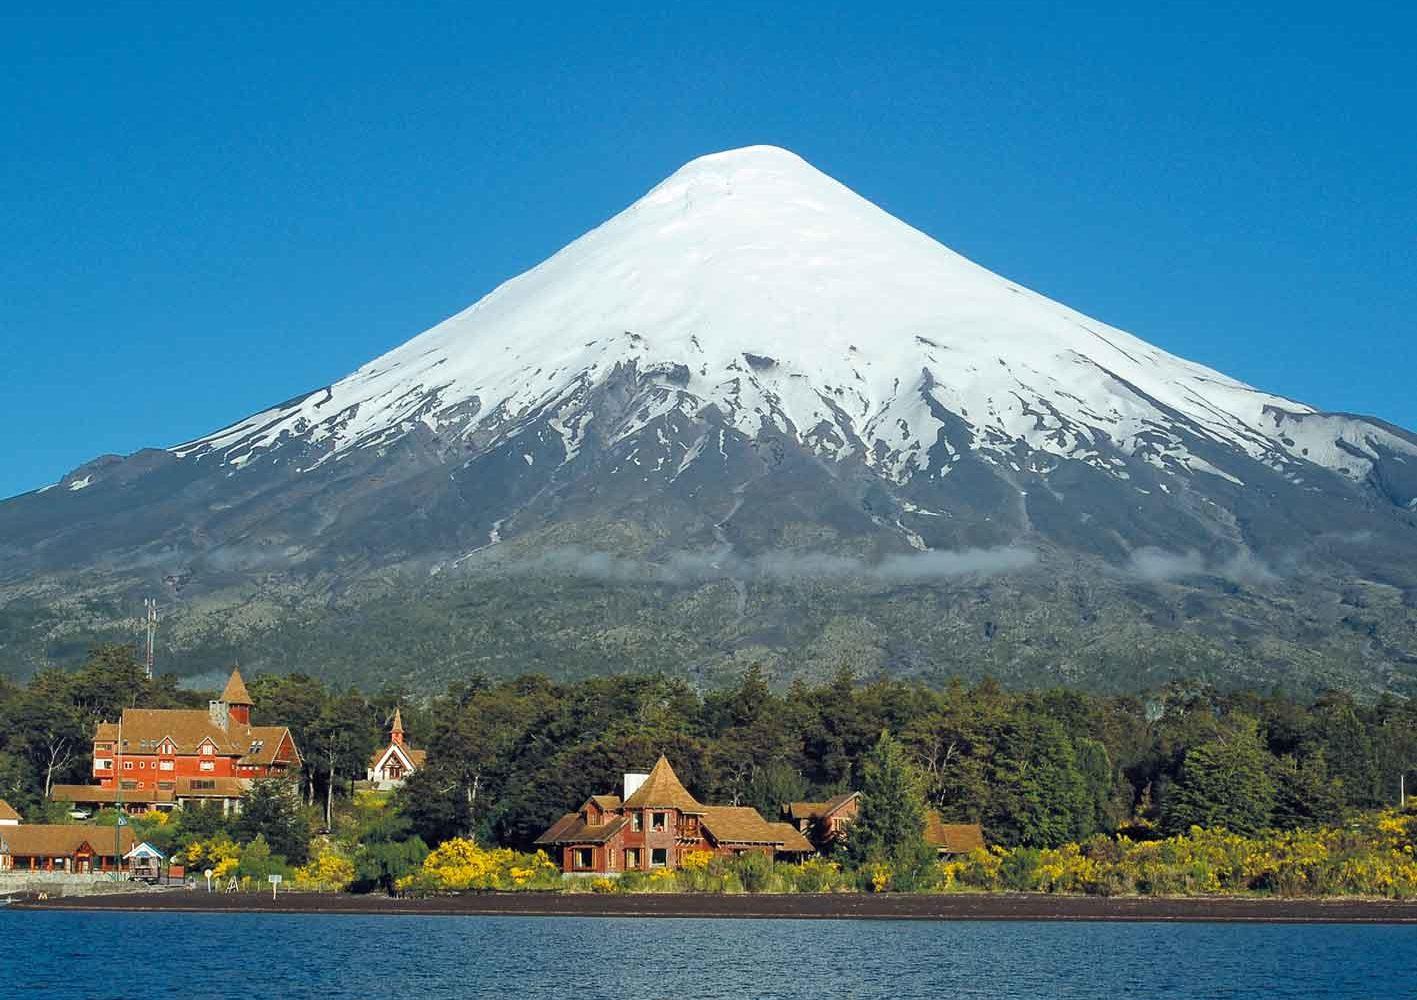 Unser Hotel am Lago Todos los Santos beim Vulkan Osorno